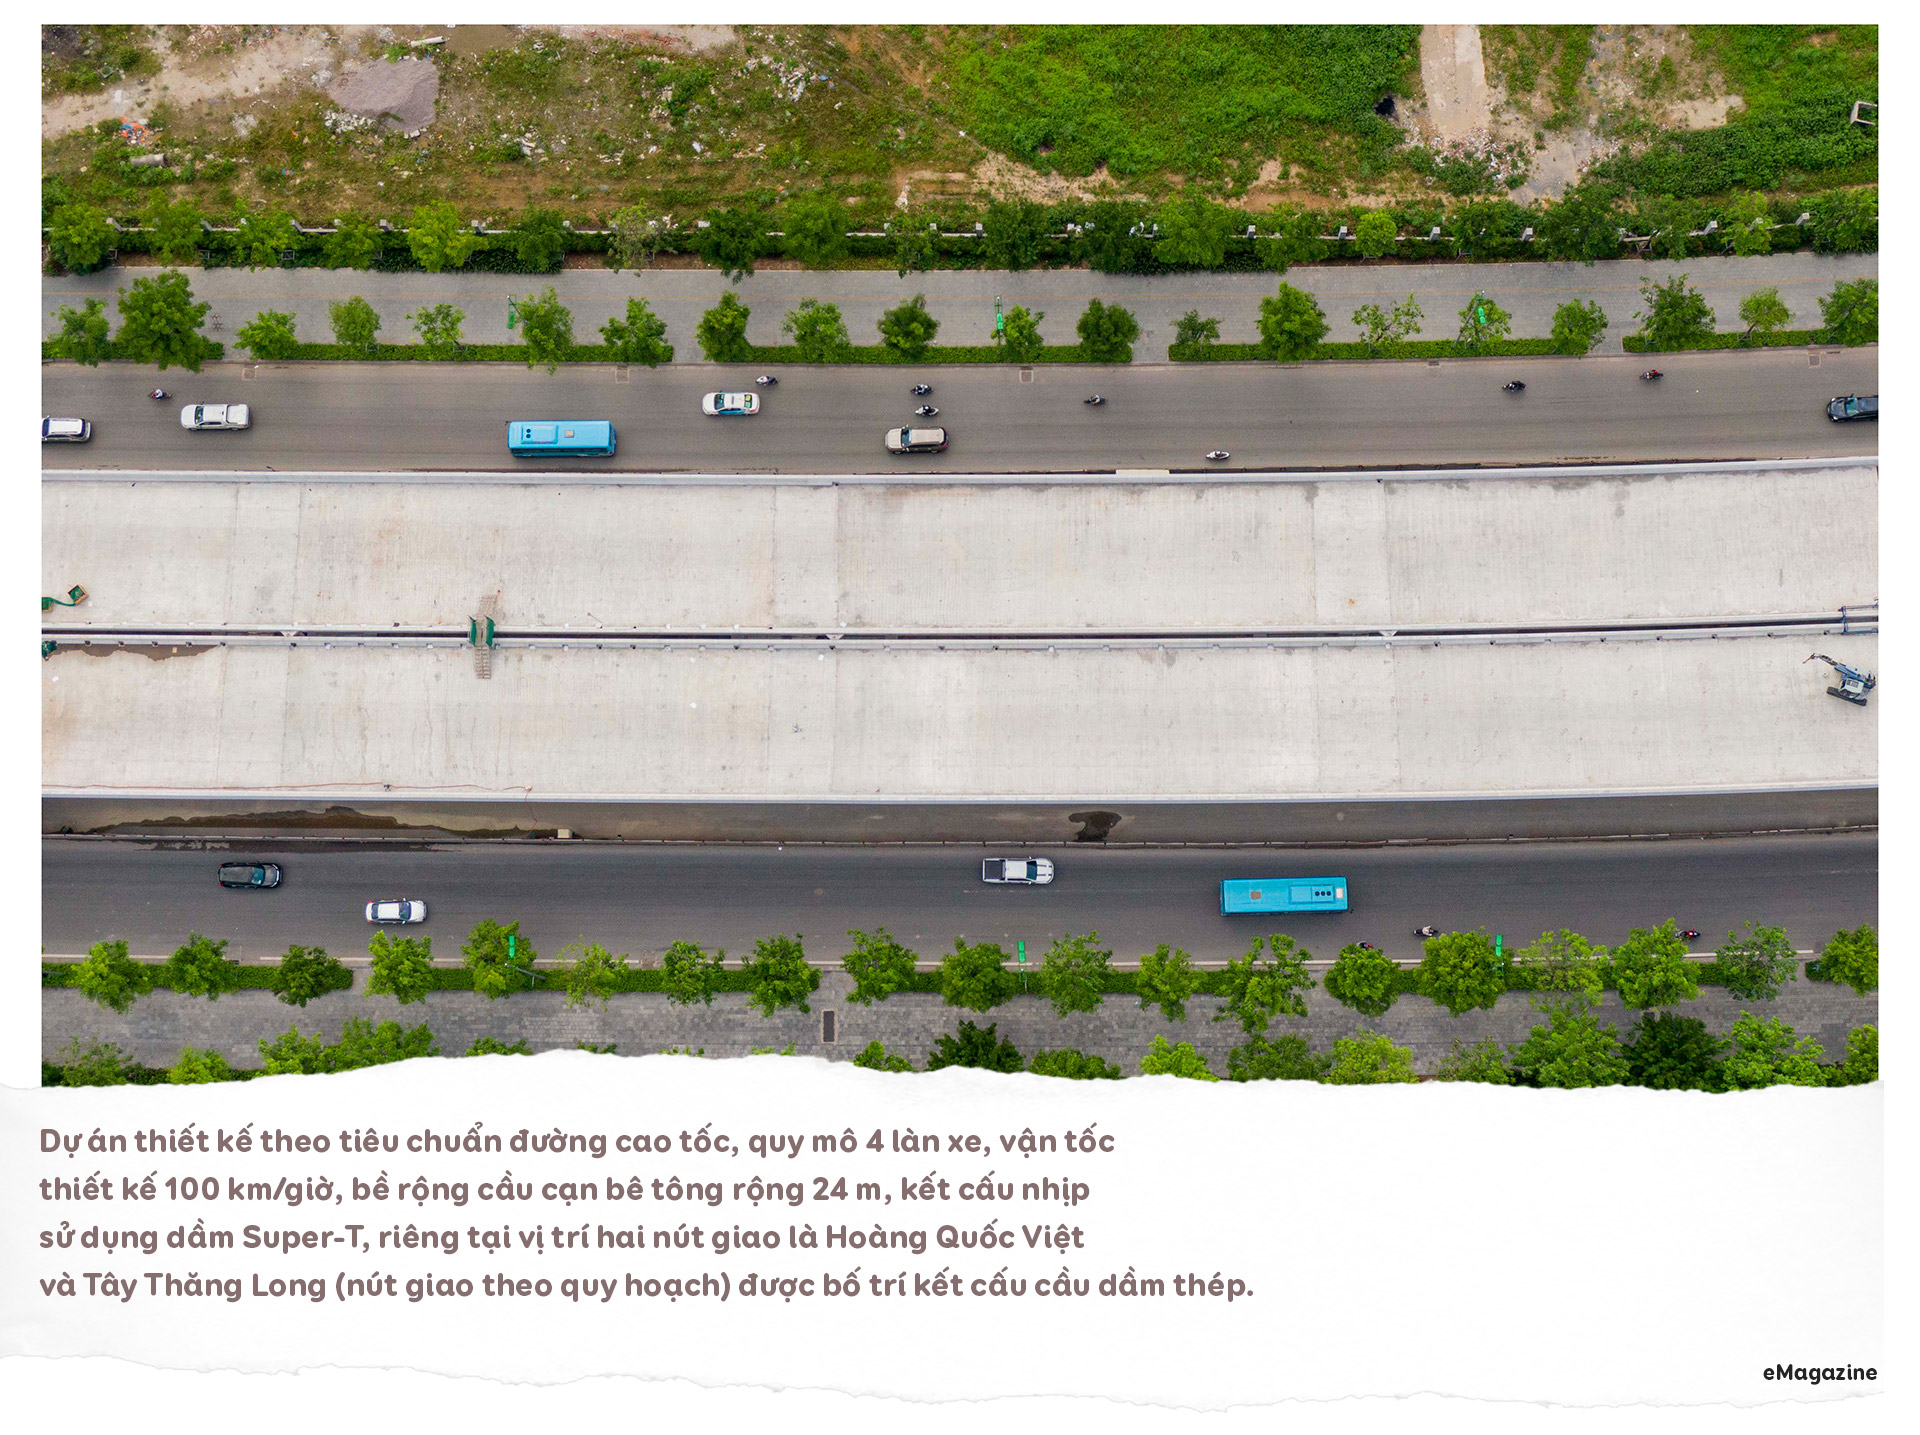 Diện mạo cầu cạn hơn 1.000 tỷ đồng/1 km nối với cây cầu 2 tầng độc nhất - 7